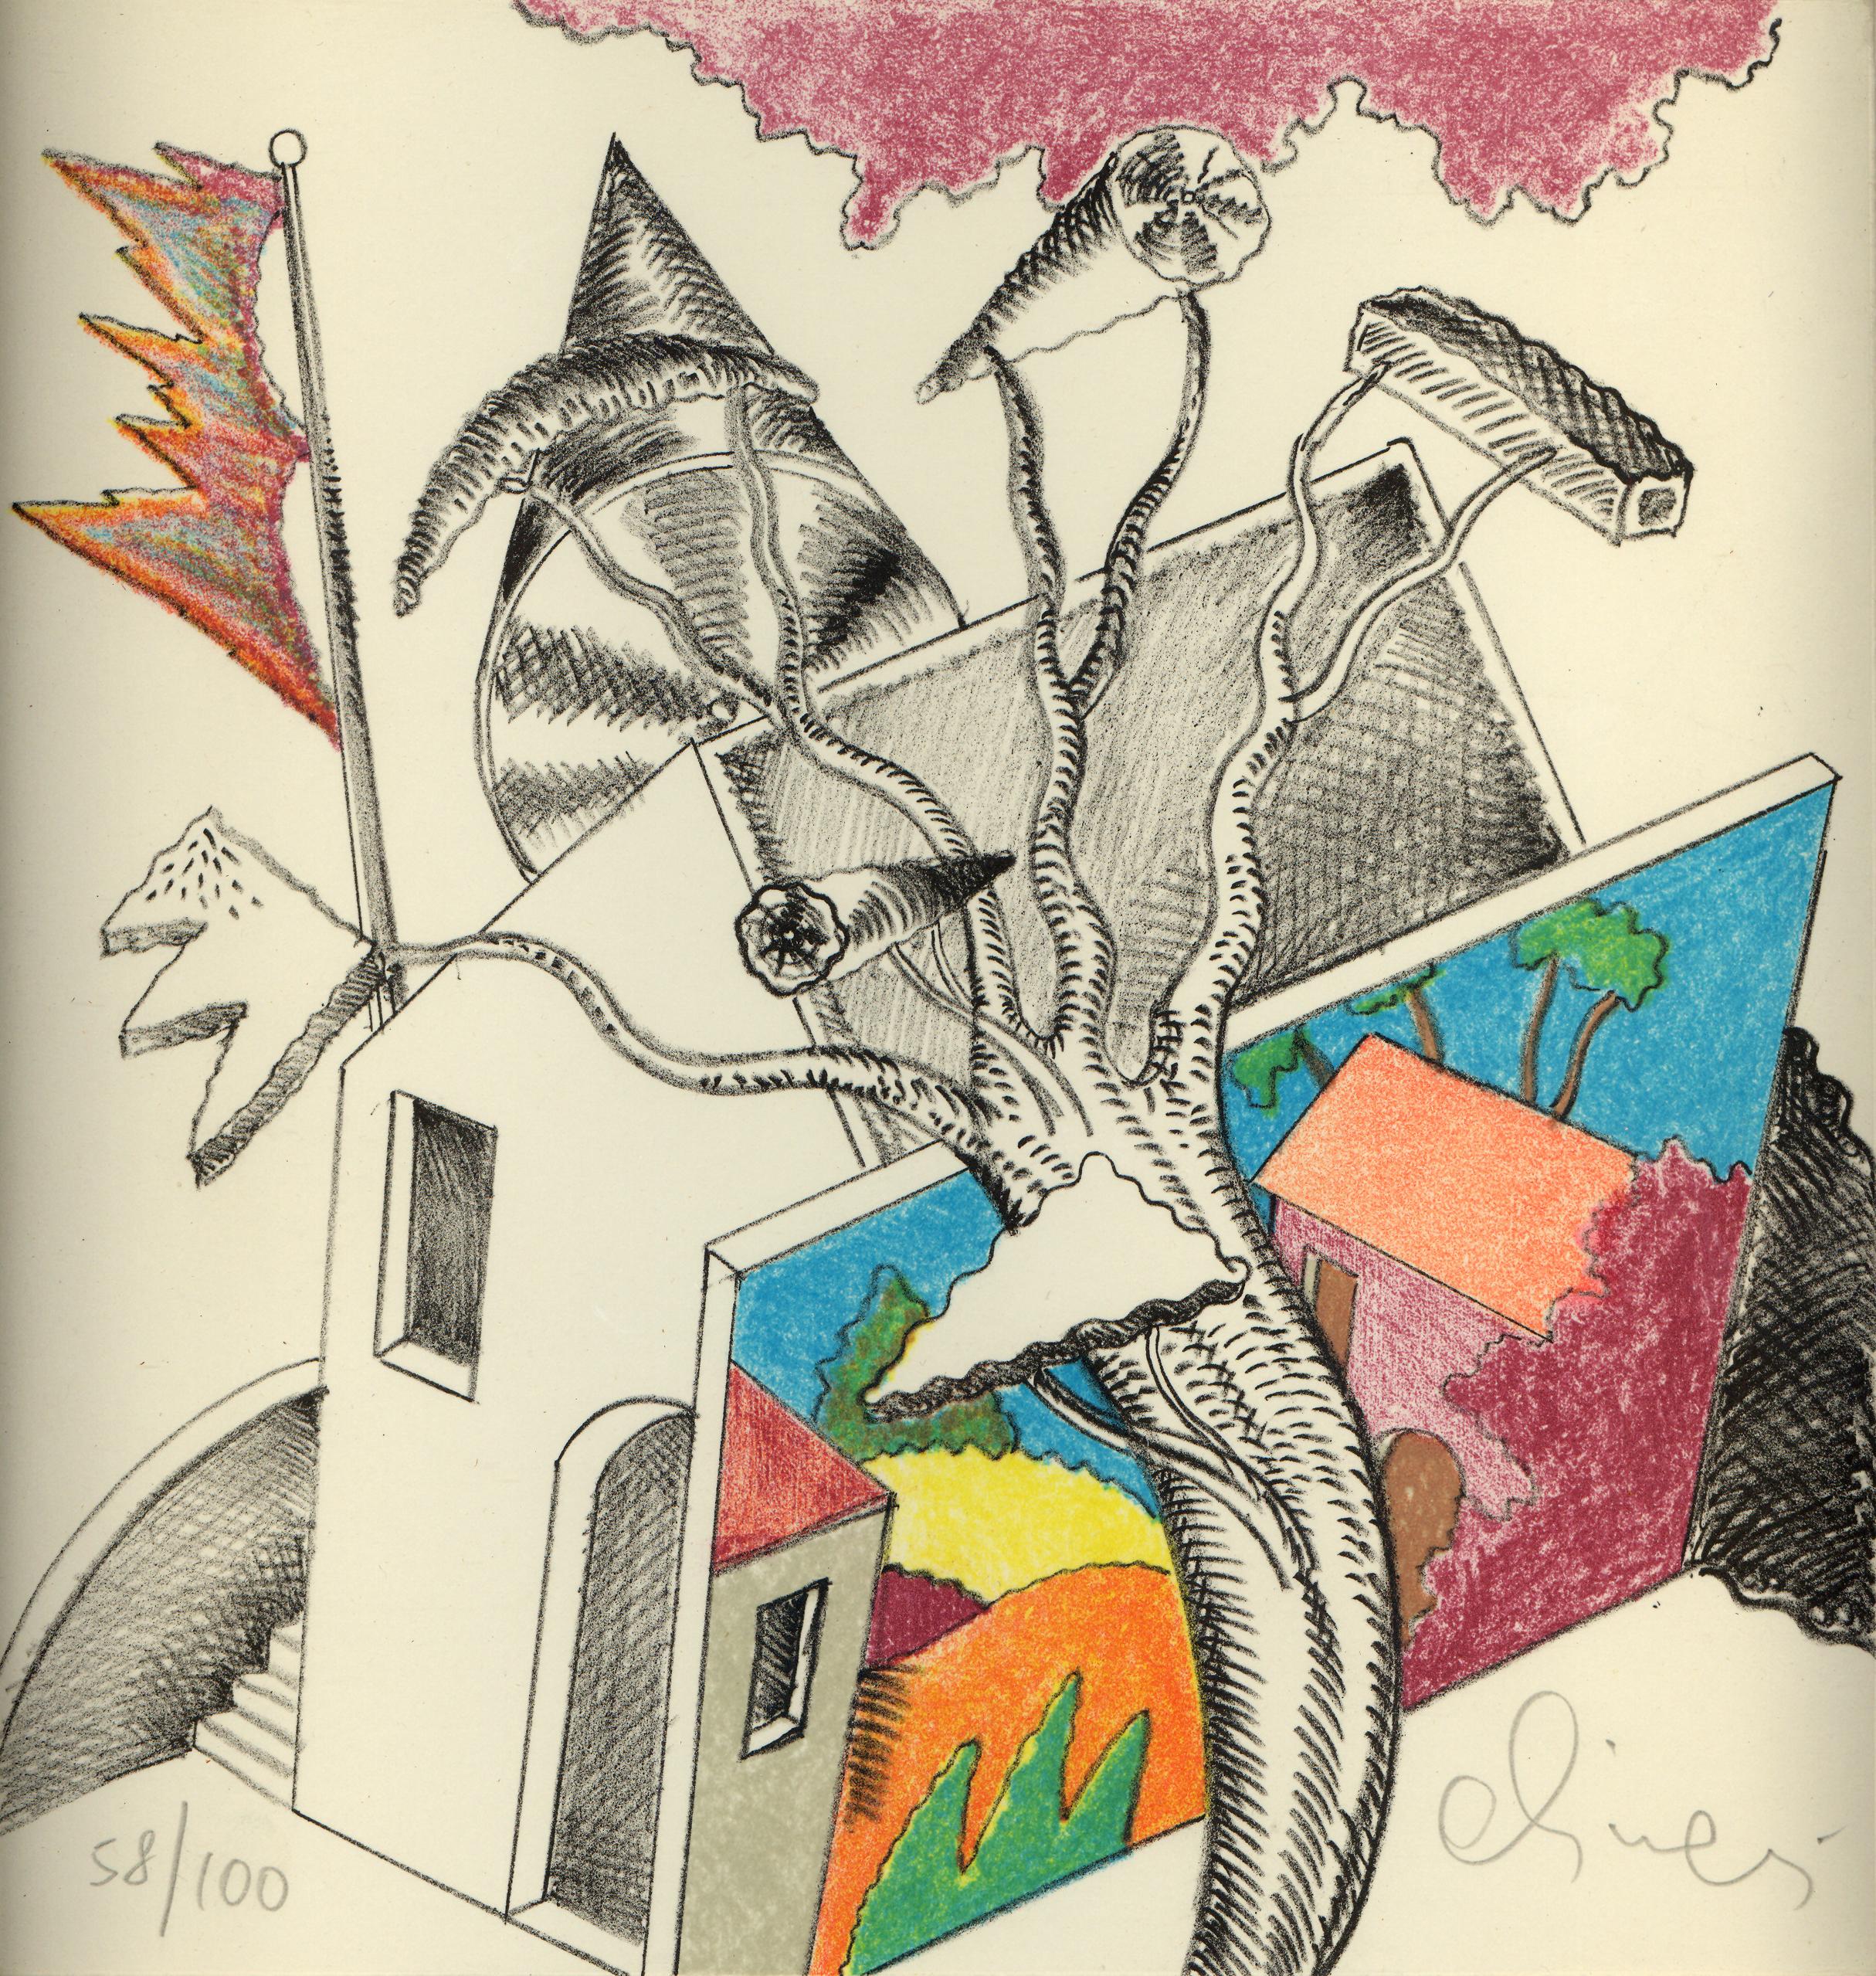 Luca Alinari_Senza titolo_serigrafia 58100_23x23_1980